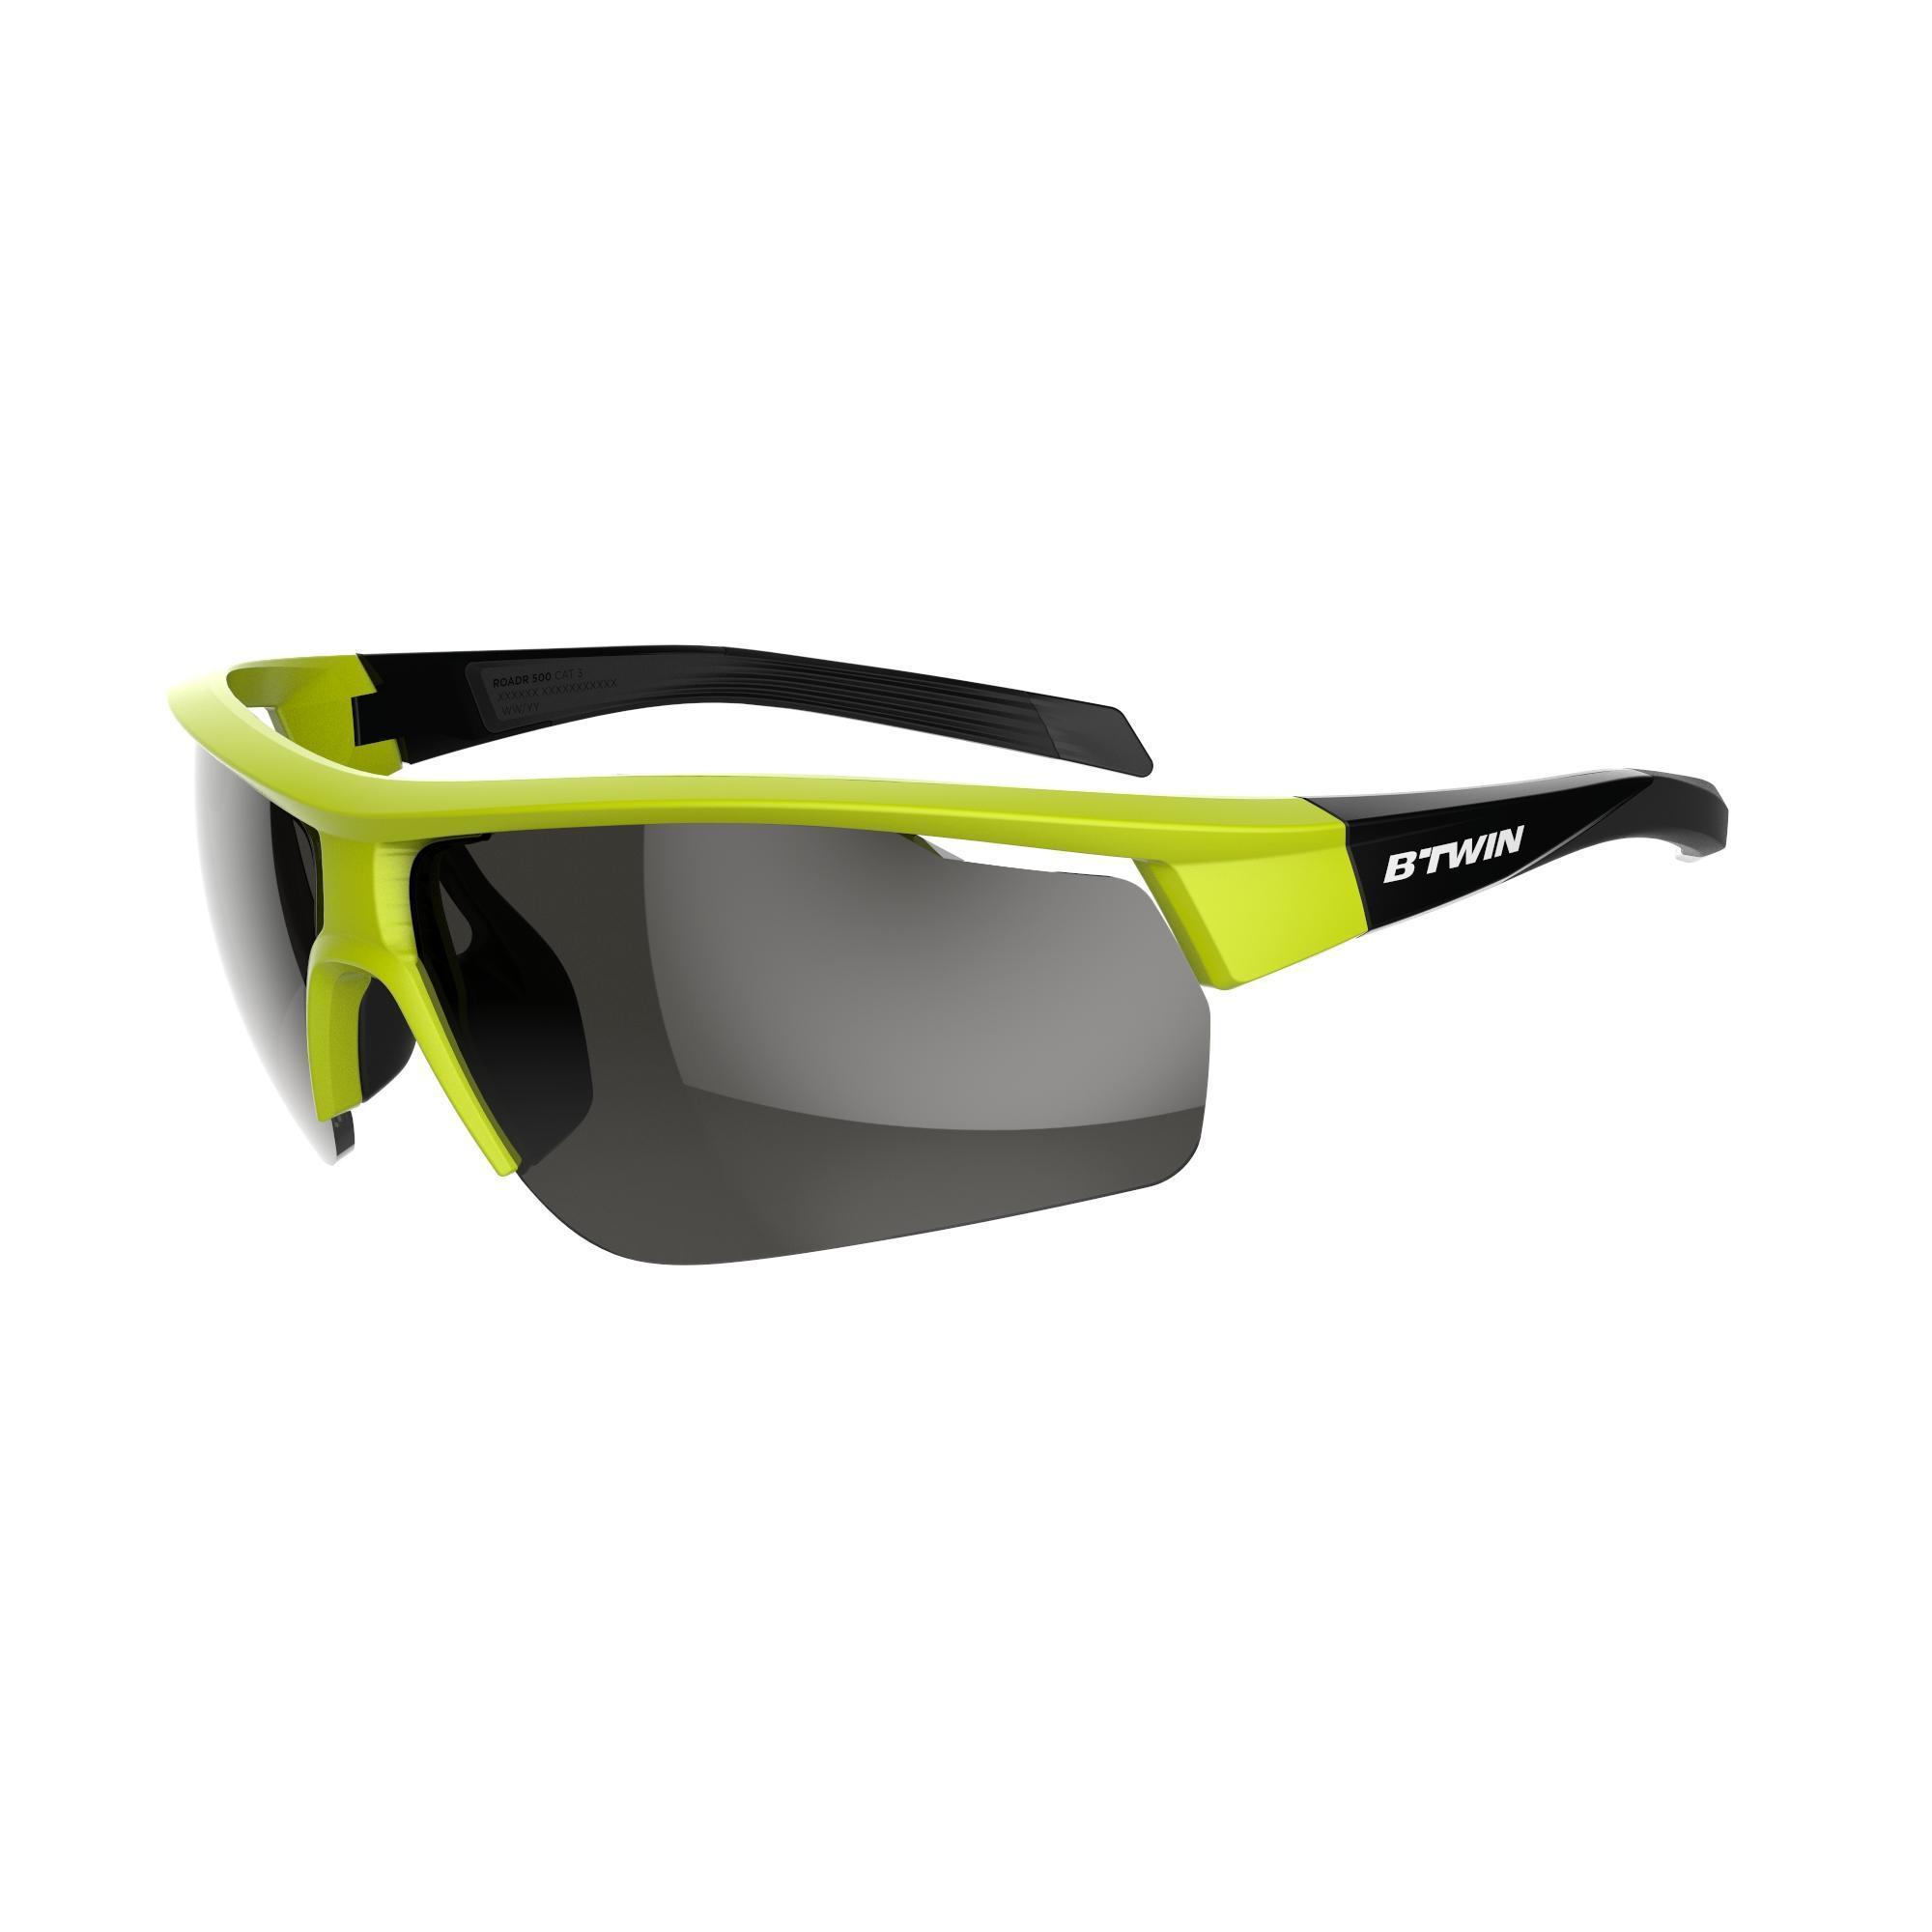 513afac3de Comprar Gafas de Ciclismo | Decathlon